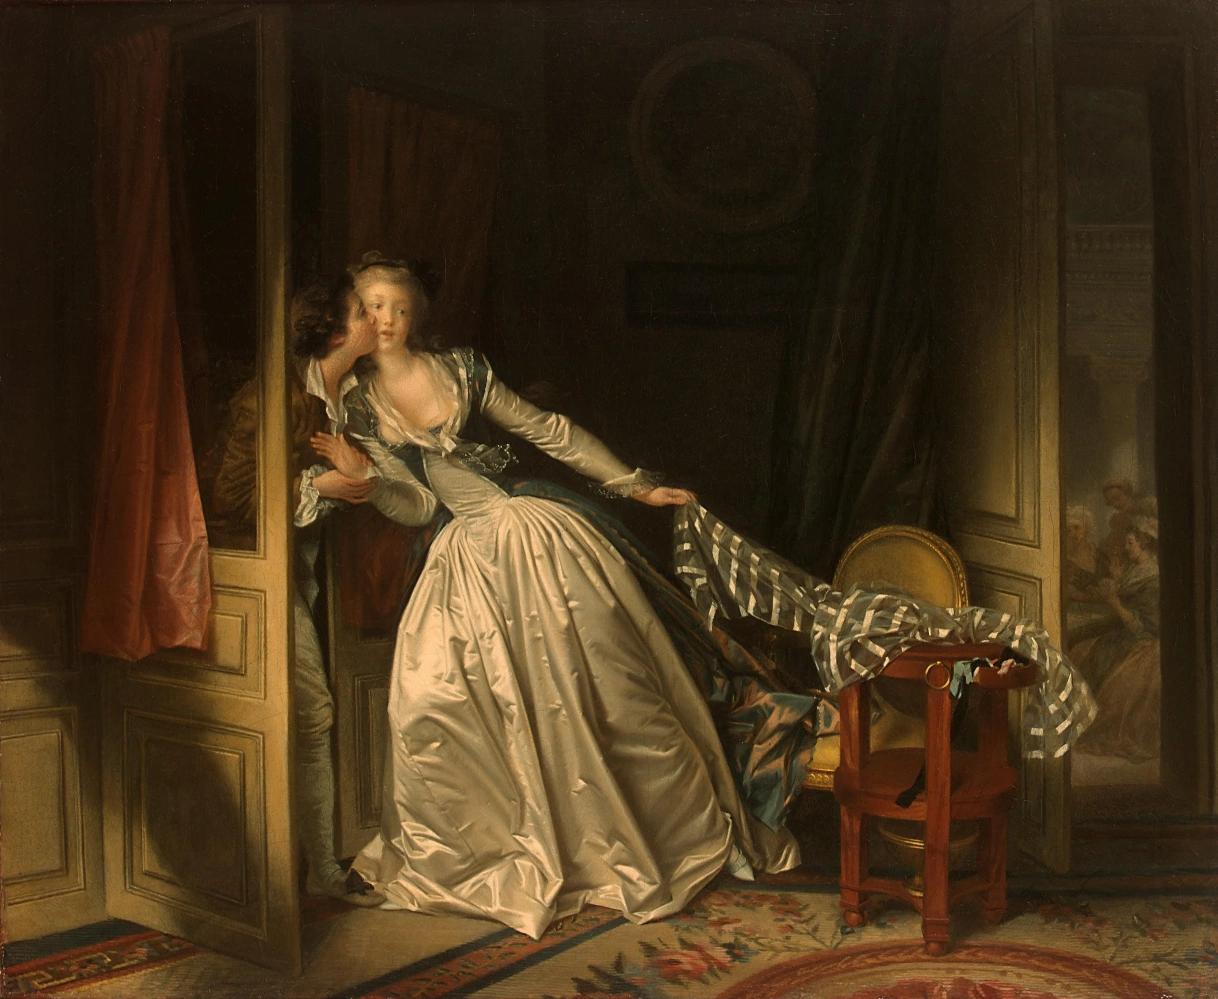 Жан-Оноре Фрагонар. Поцелуй украдкой. 1788.